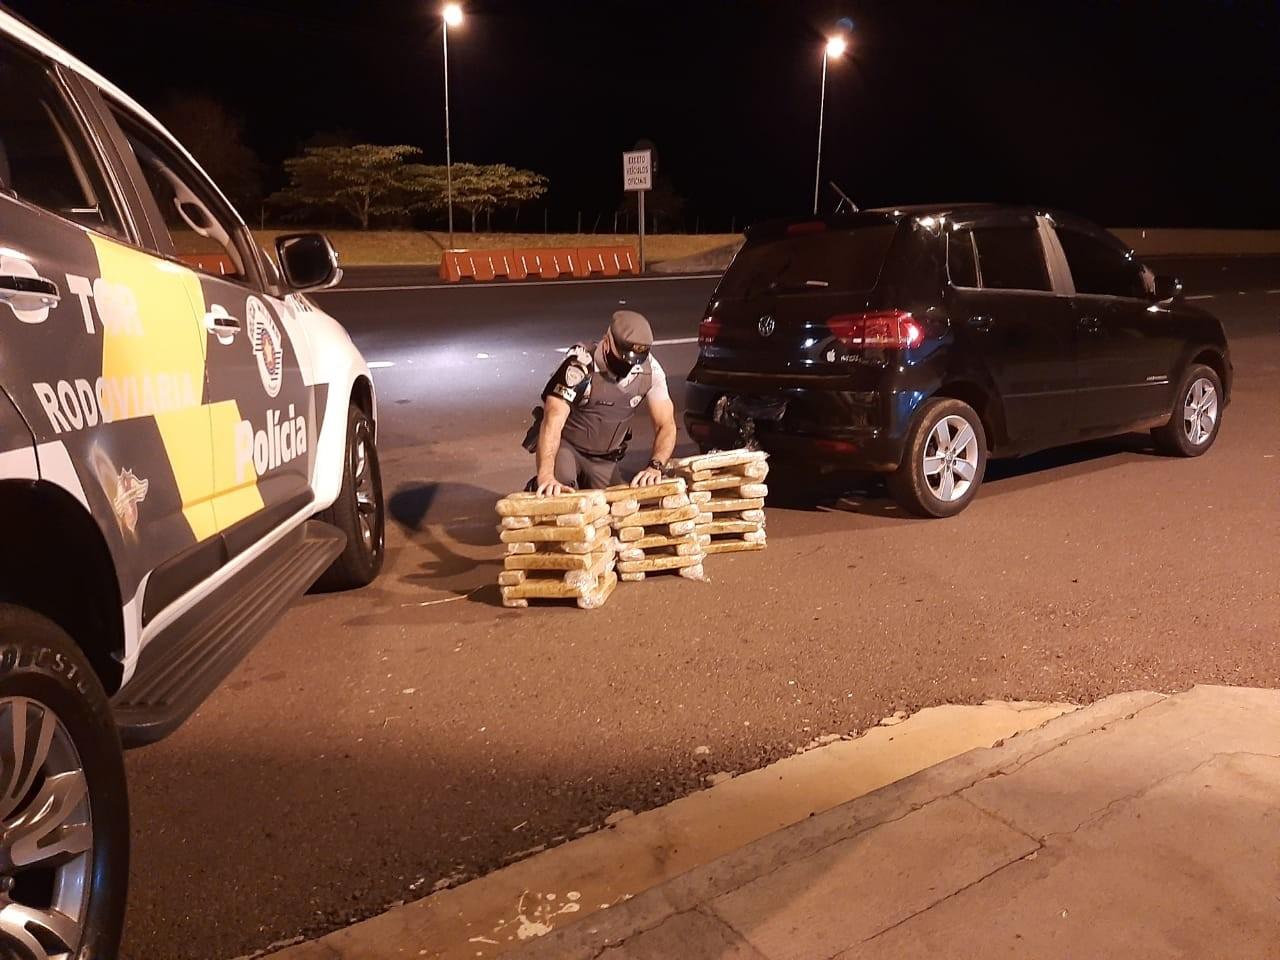 Fiscalização apreende 50 tabletes de maconha escondidos em bancos de veículo em Presidente Venceslau